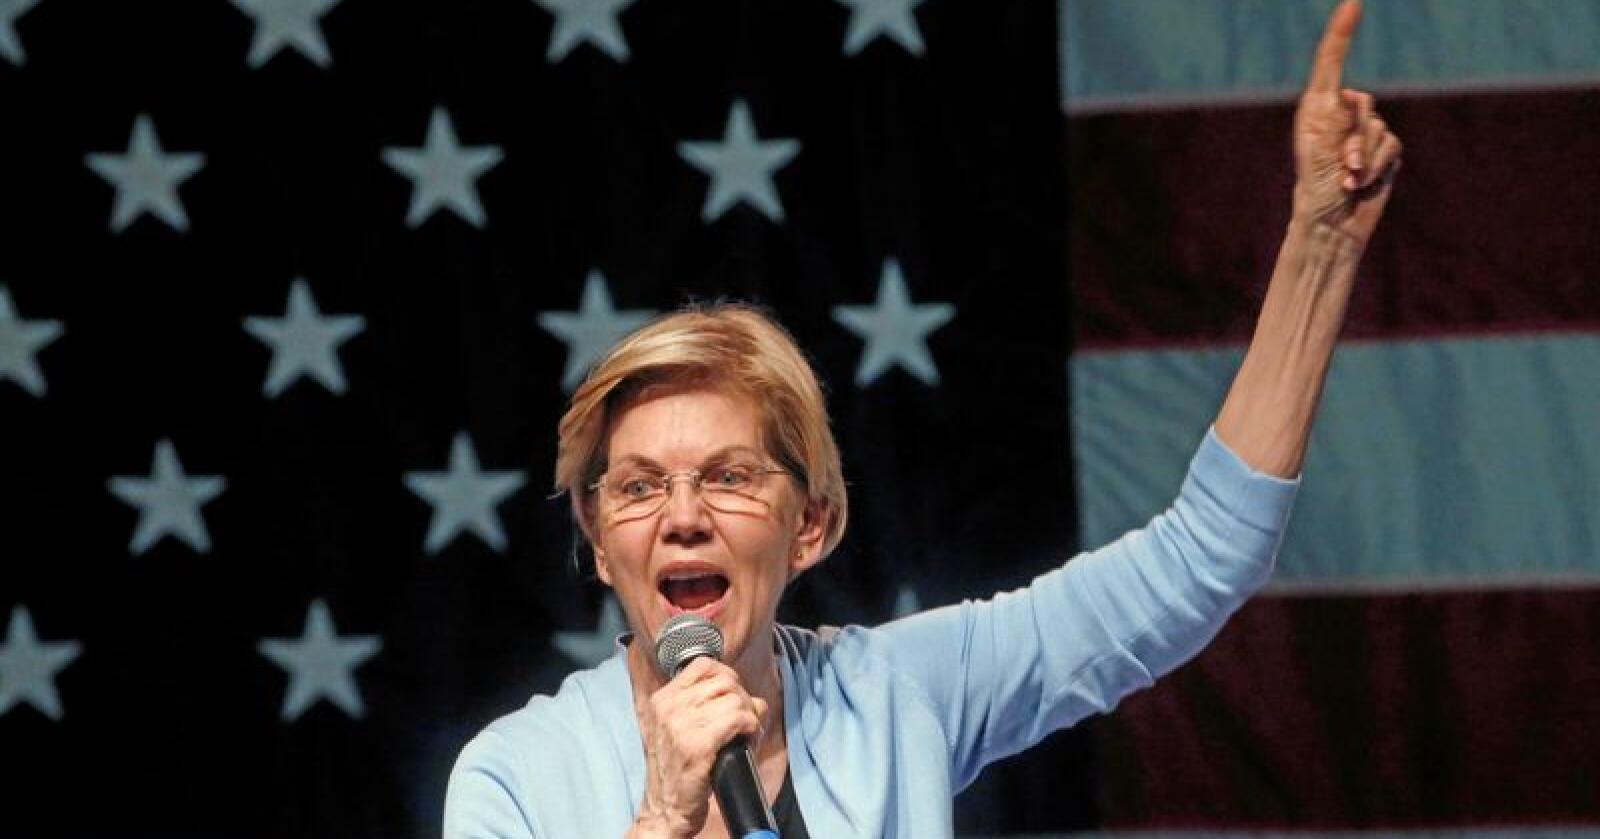 Den Demokratiske presidentkandidaten. Elizabeth Warren er en av flere som går til valg på å bryte opp amerikansk landbruksmakt til fordel for bøndenes rettigheter. Foto: Rick Bowmer / AP / NTB Scanpix